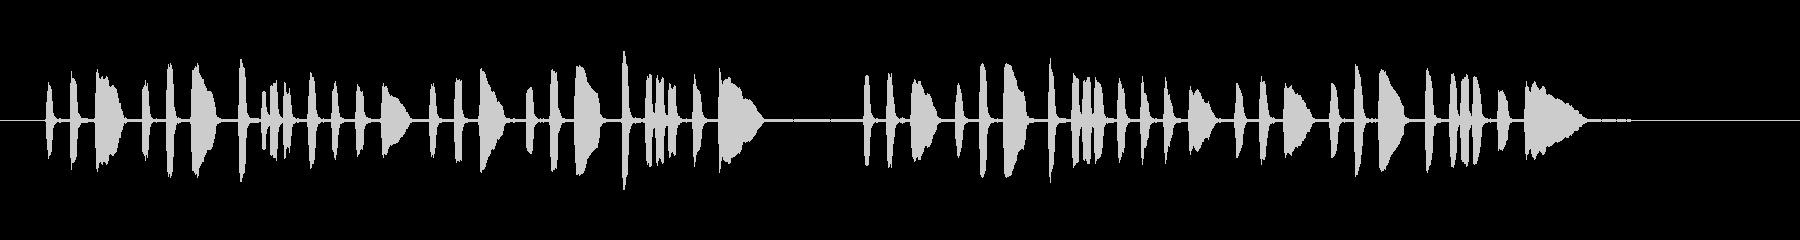 ビューグルフォールイン-ミリタリー...の未再生の波形